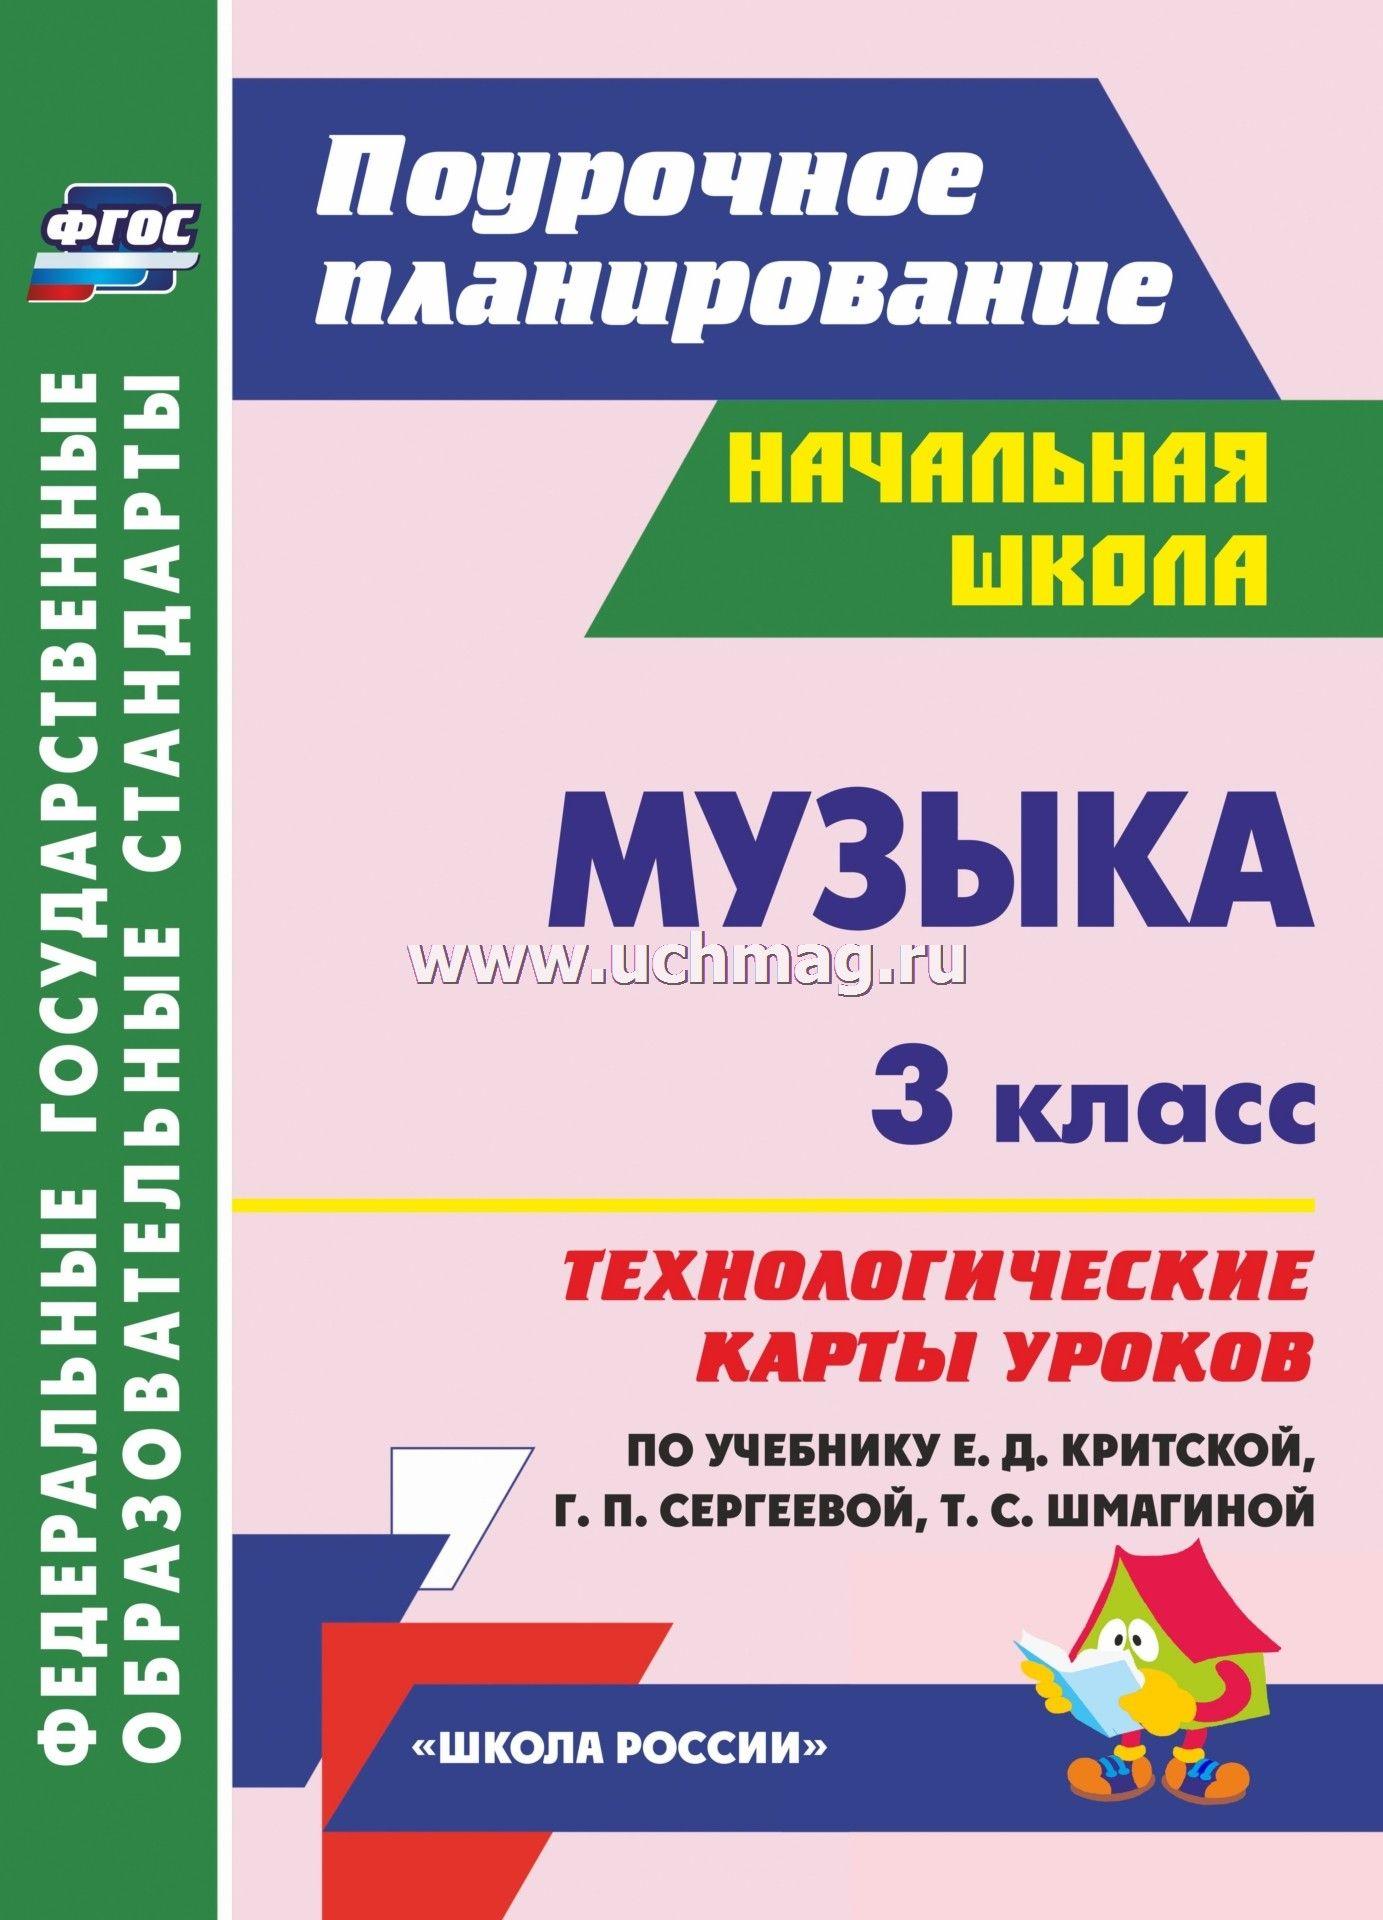 Система учебников «школа россии» критская е. Д. , сергеева г. П.